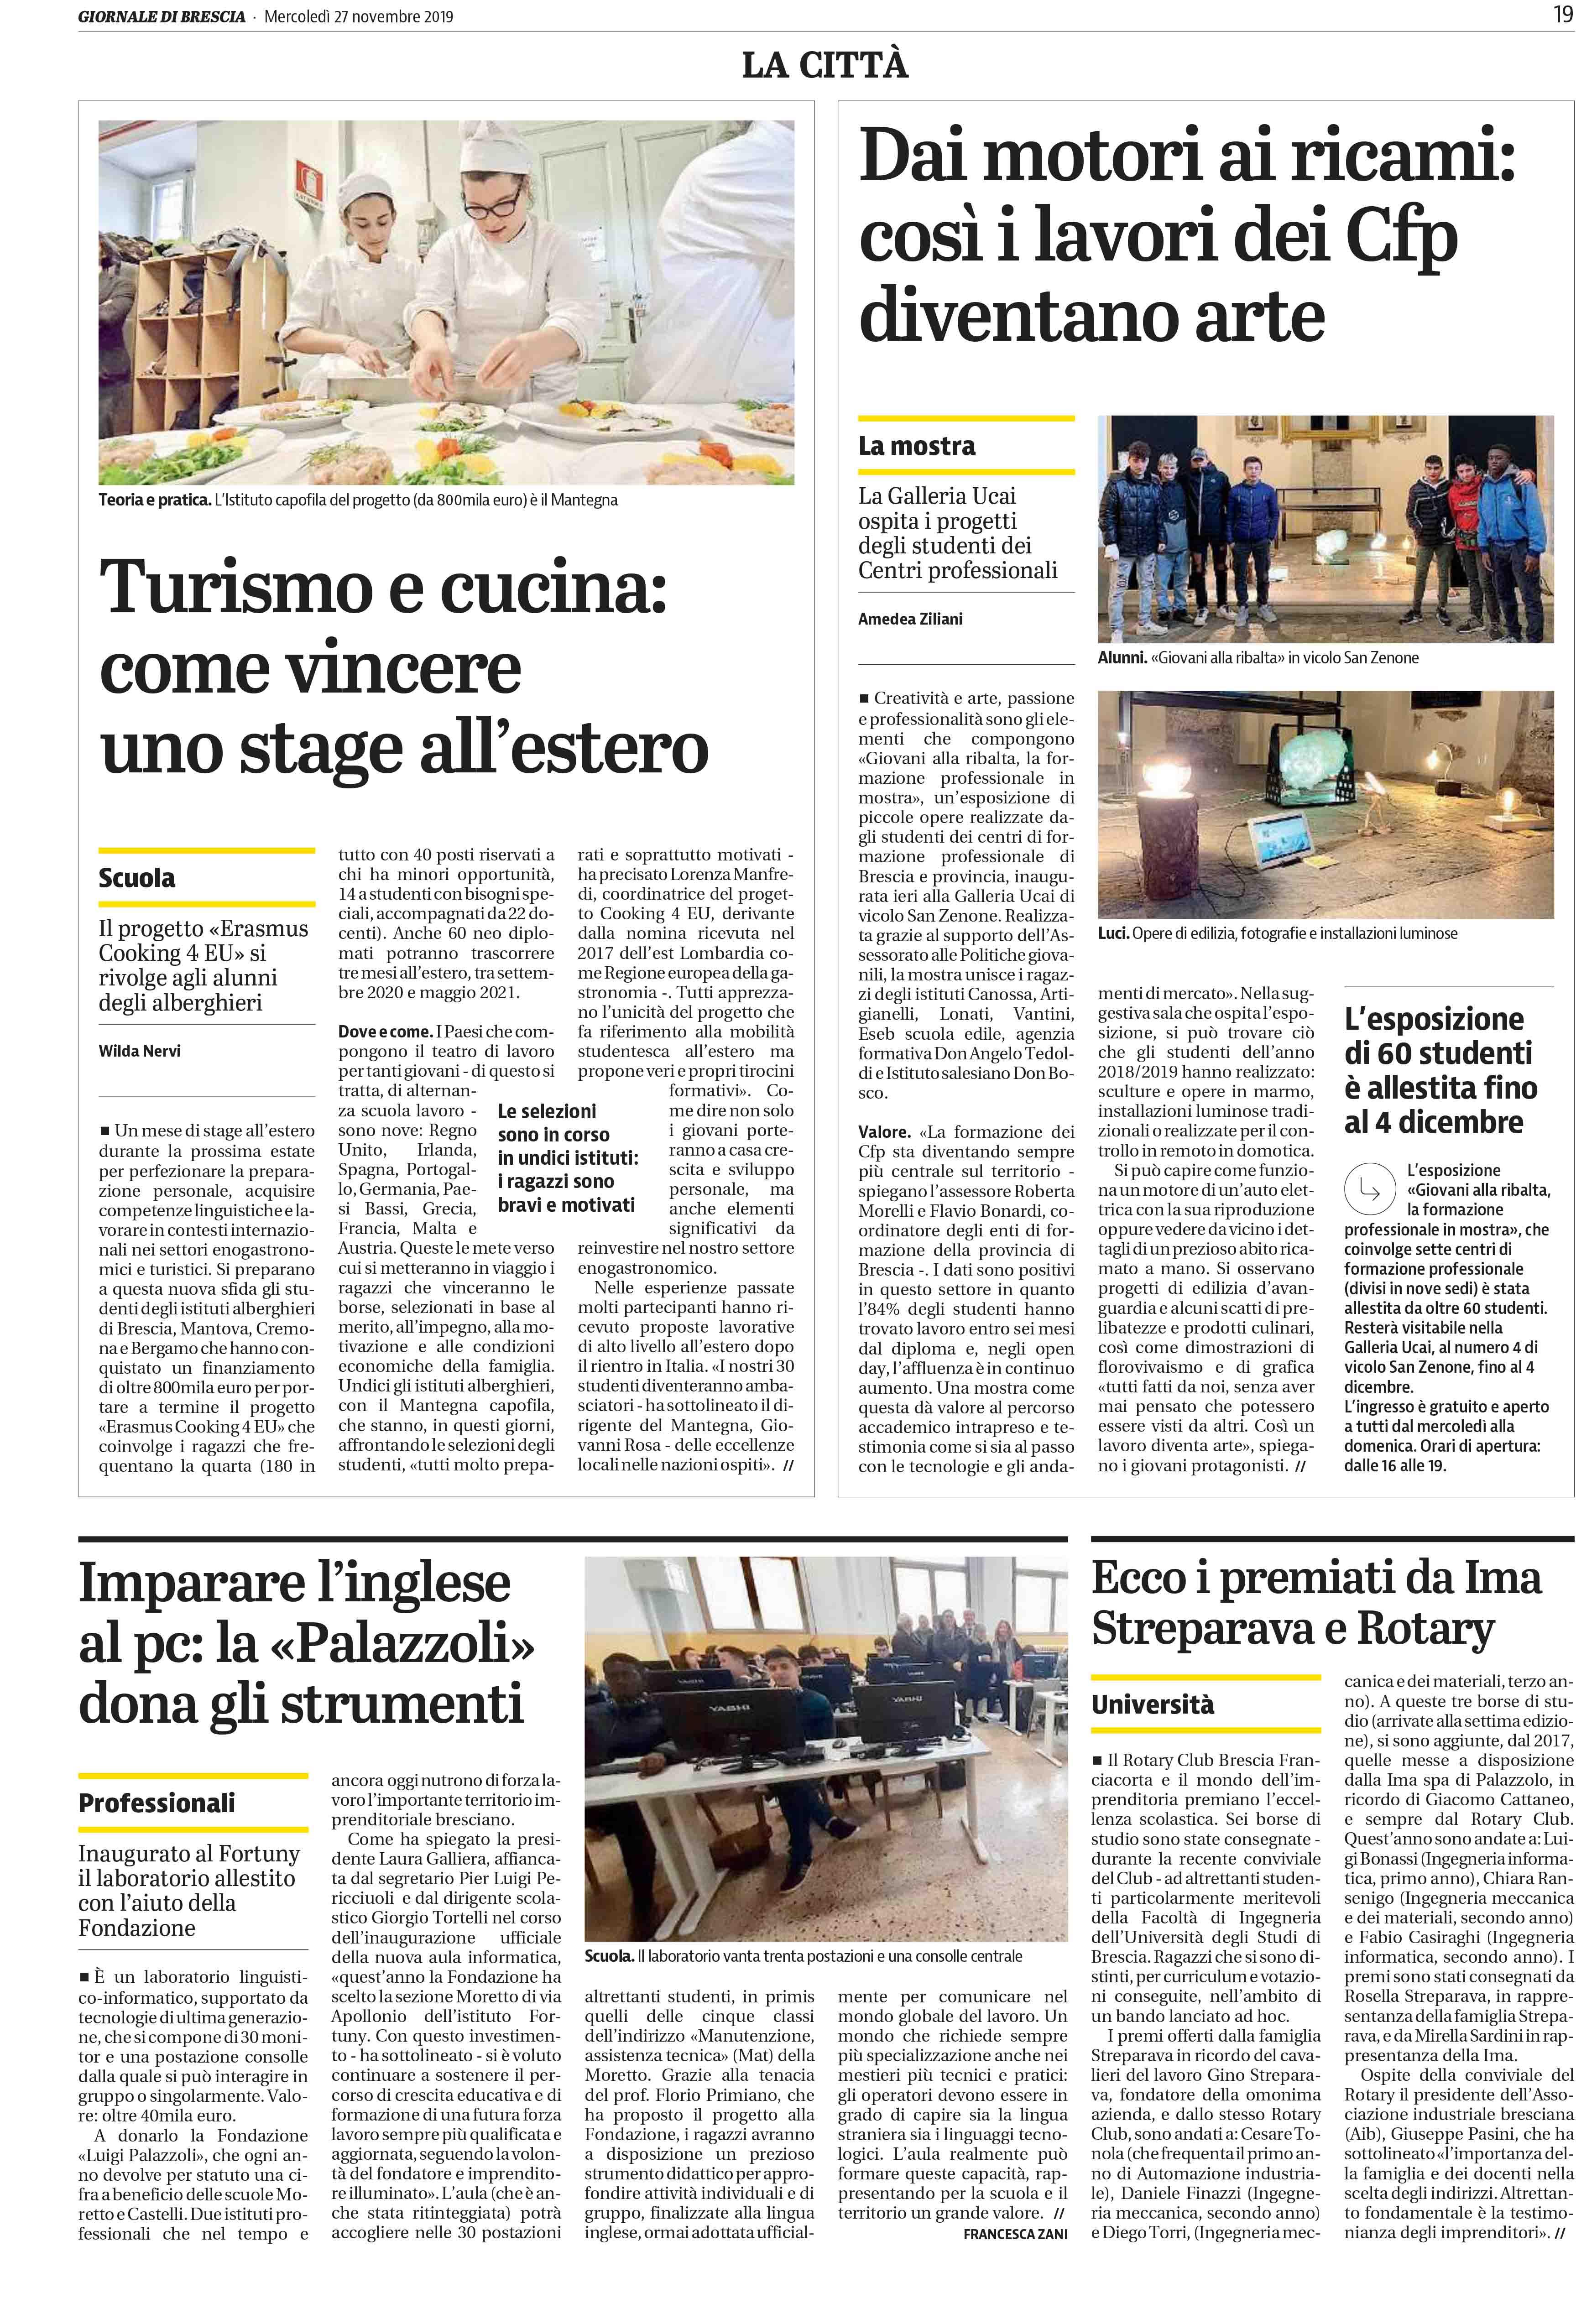 Dai motori ai ricami: cosi i lavori dei Cfp diventano arte - Giornale di Brescia